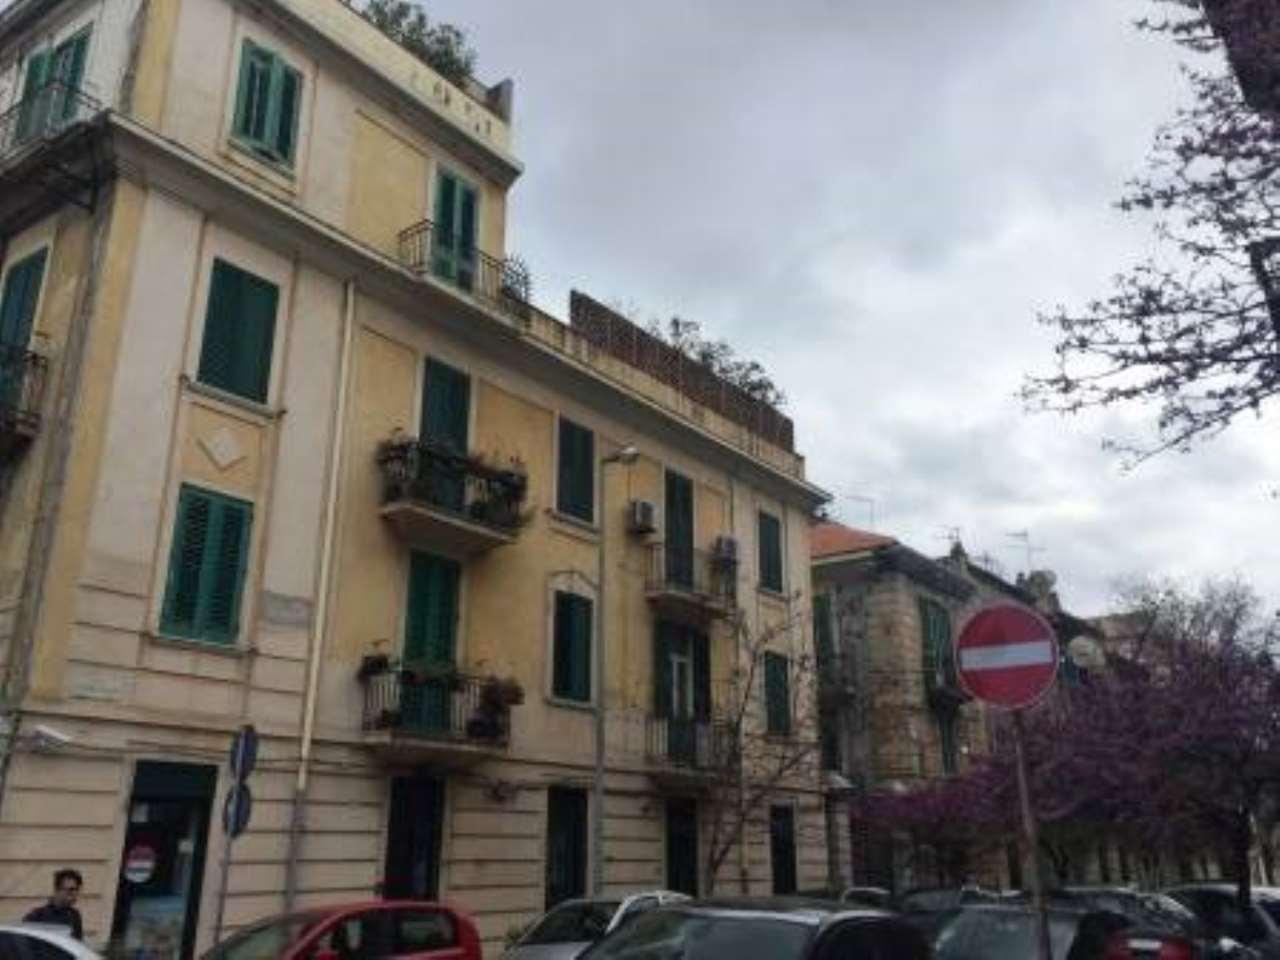 Appartamento, giolitti is 57, 163, Centro Storico, Vendita - Messina (Messina)